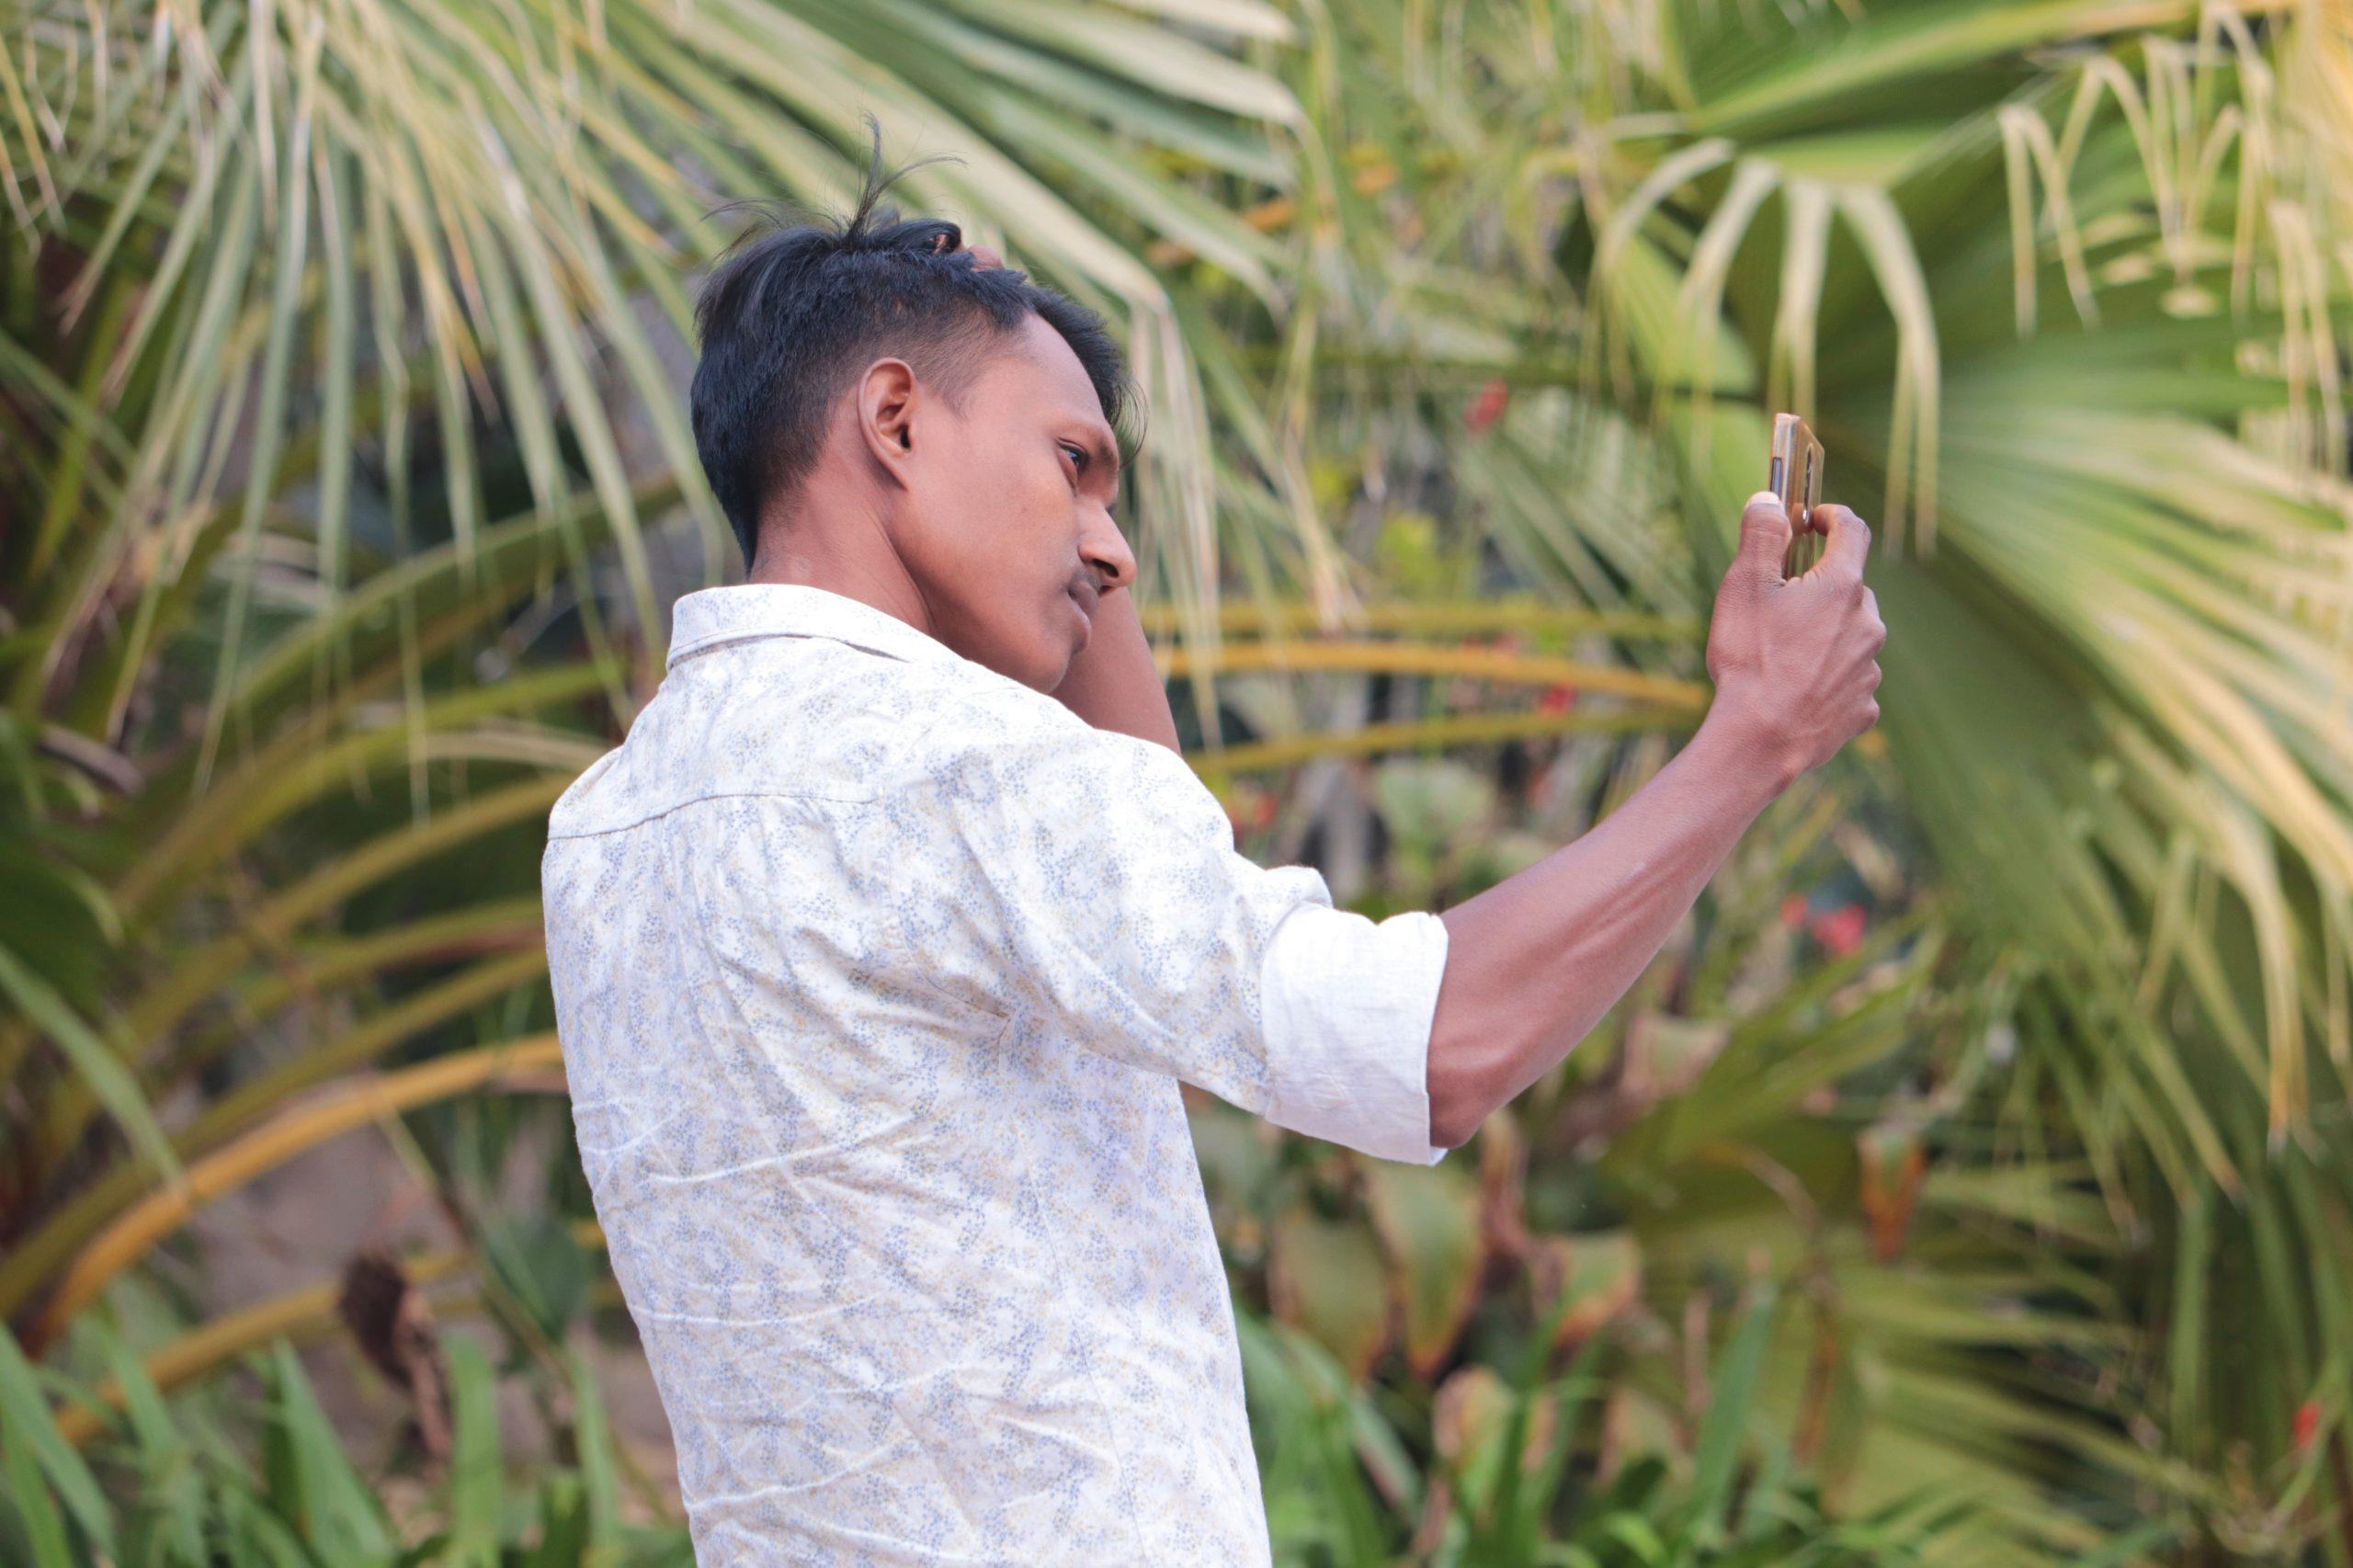 Boy taking selfie in the garden